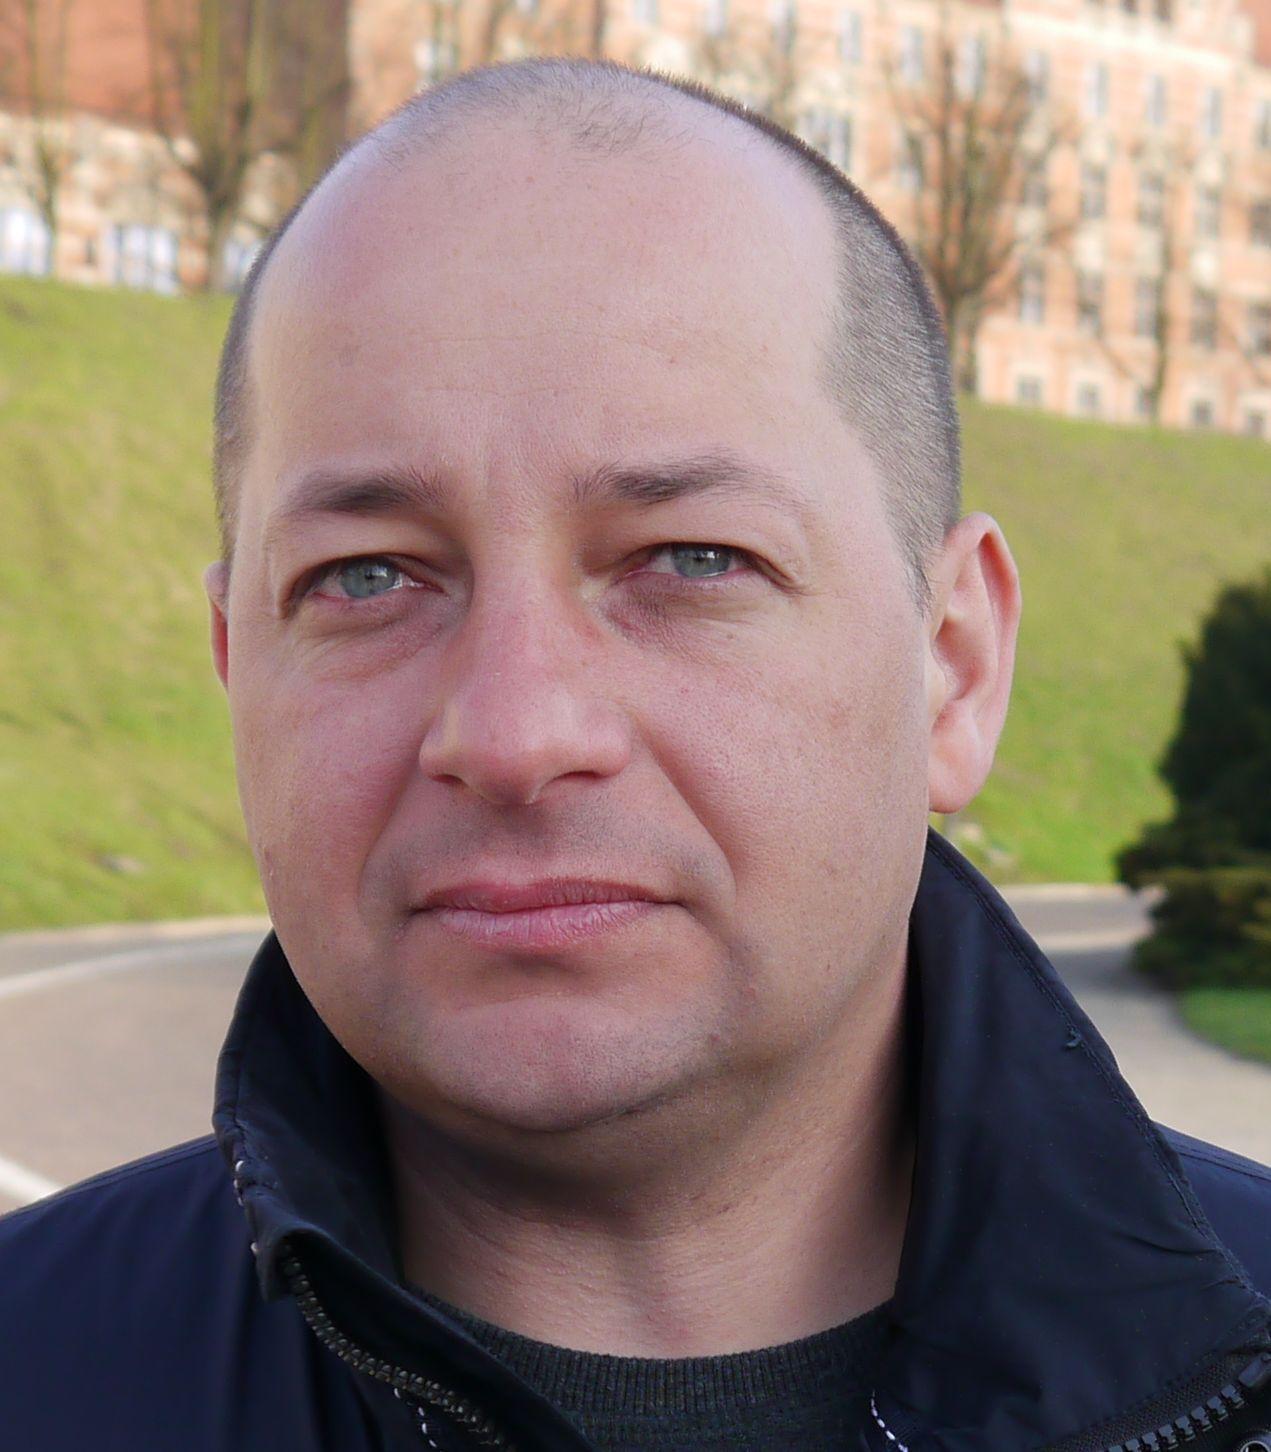 Tomasz Budzyla